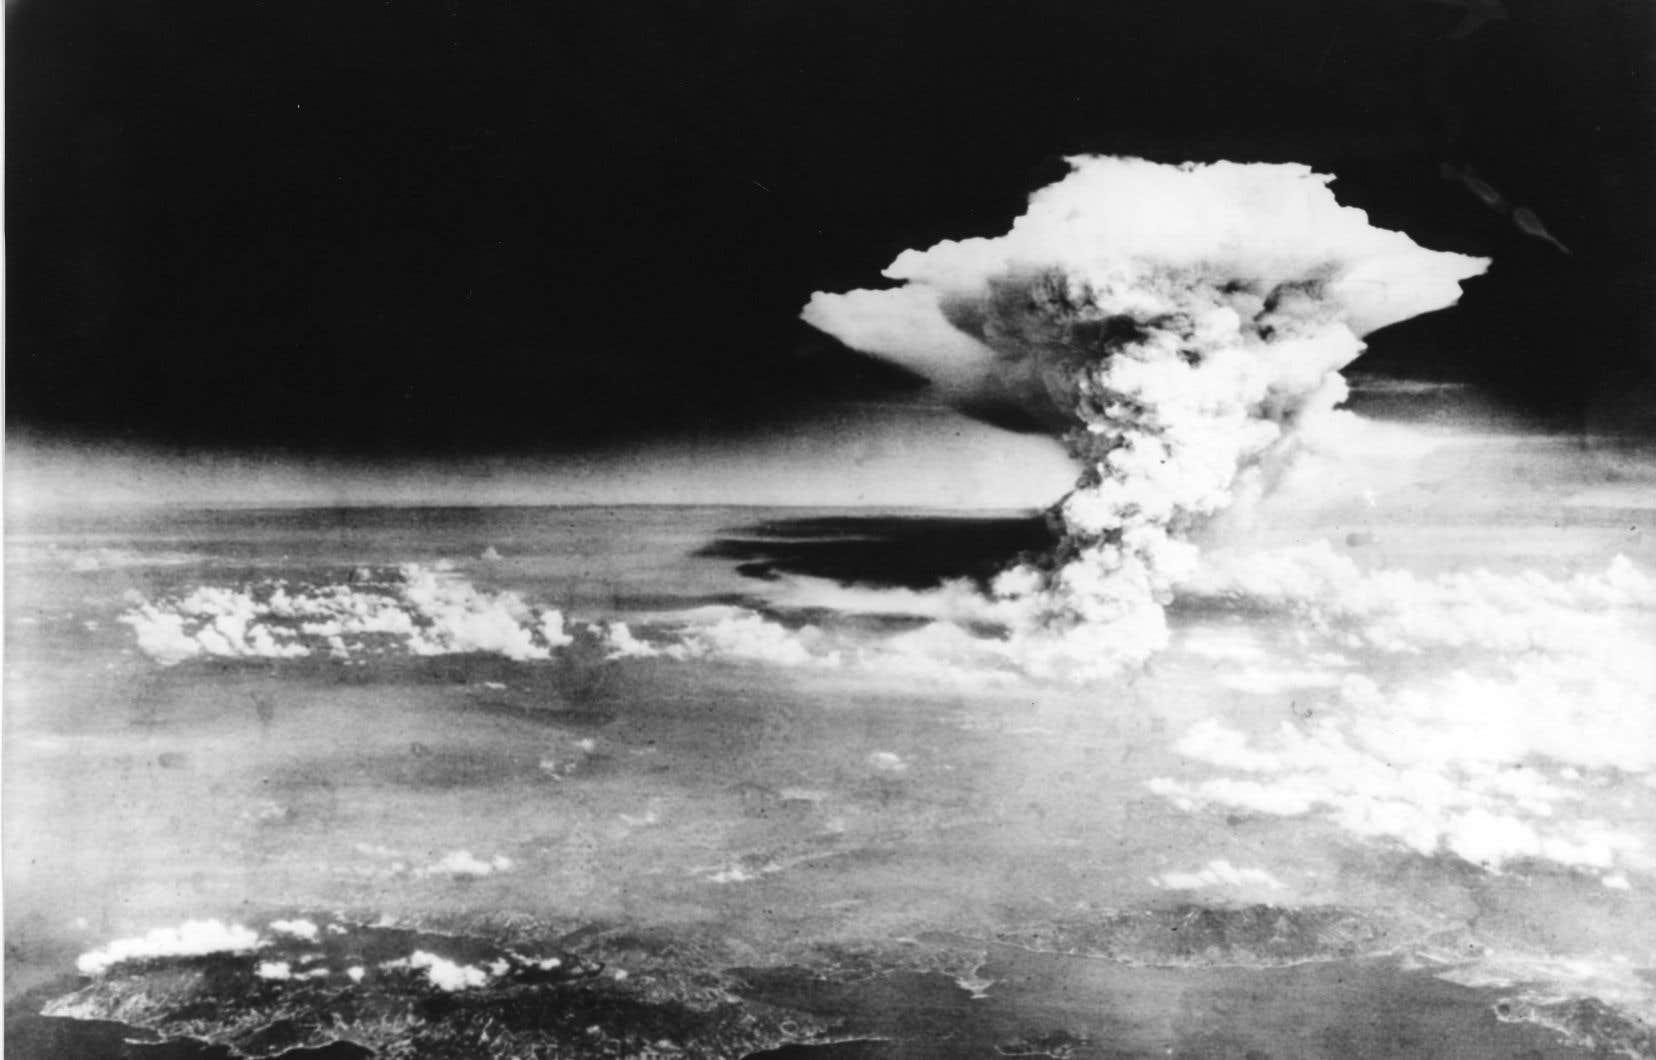 En août 1945, les Américains ont largué une bombe atomique sur les villes japonaises d'Hiroshima (notre photo) et de Nagasaki.